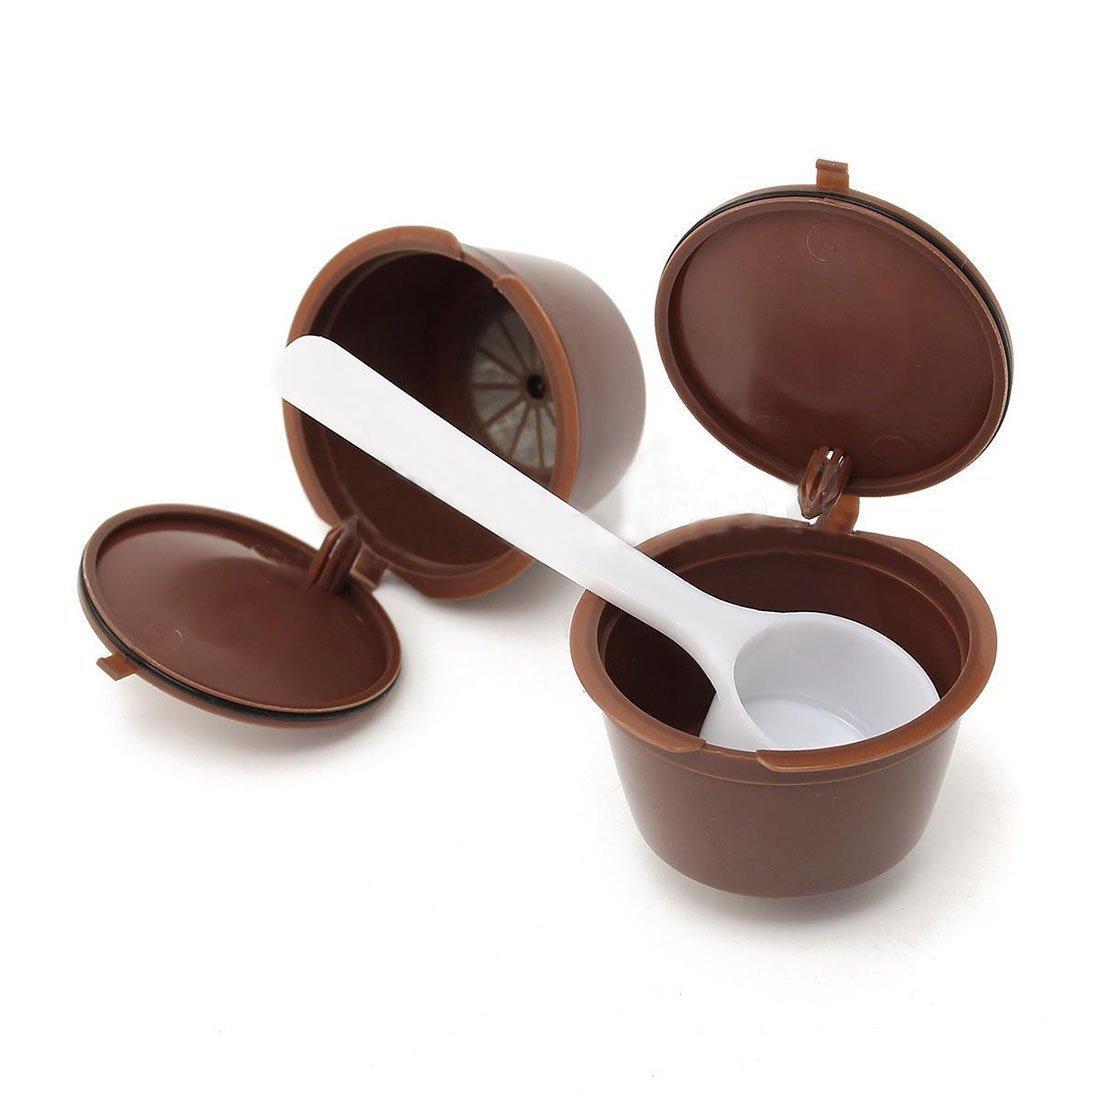 SODIAL (R) 7, rellenable, Cápsulas de Café para Dolce Gusto ...